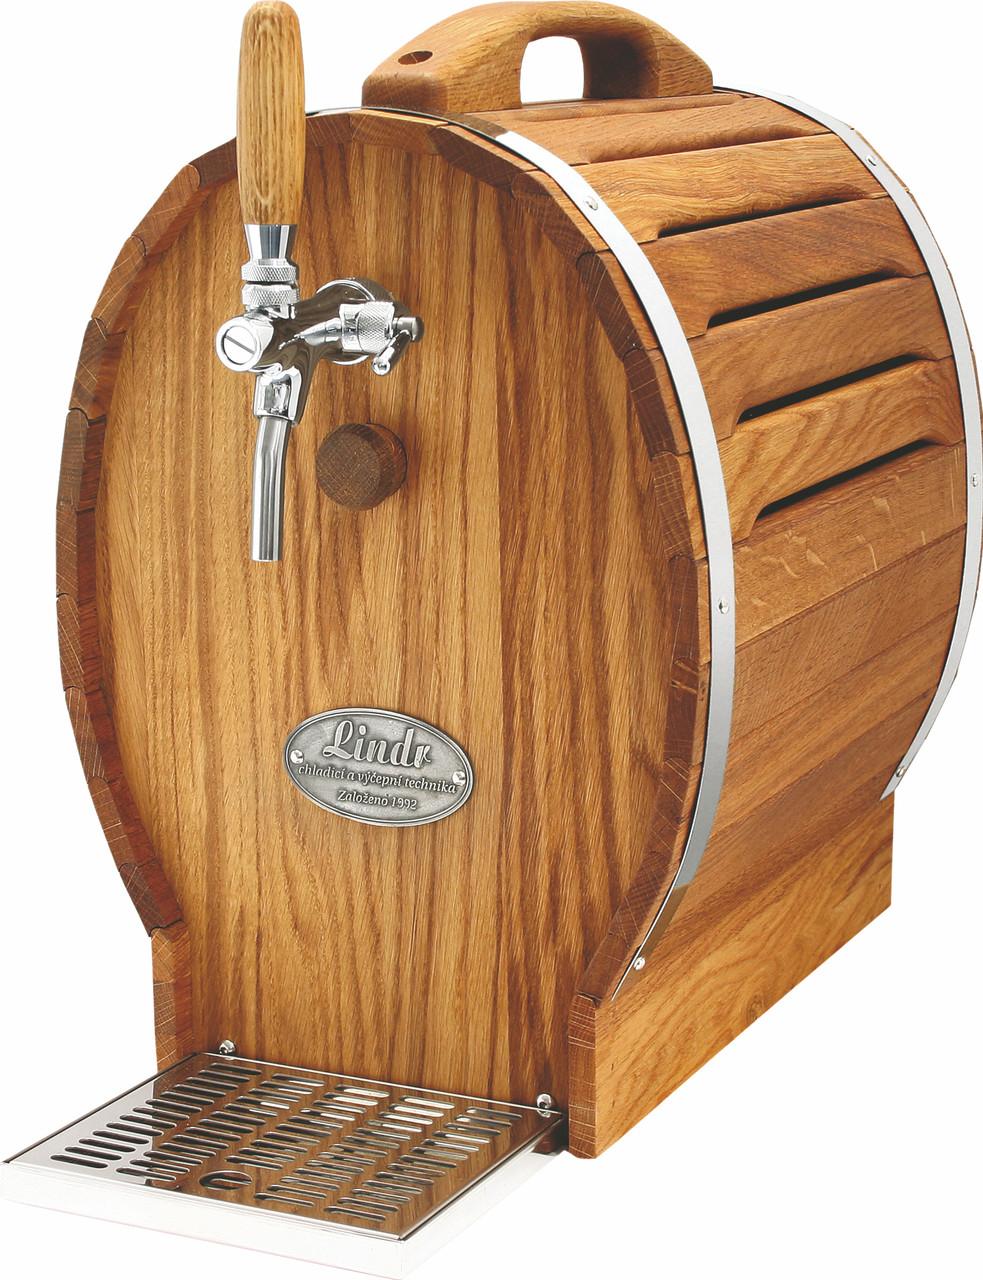 Охладитель пива надстоечный - 30 л/ч - сухой, дерево, бочонок, Soudek 30/K, Lindr, Чехия